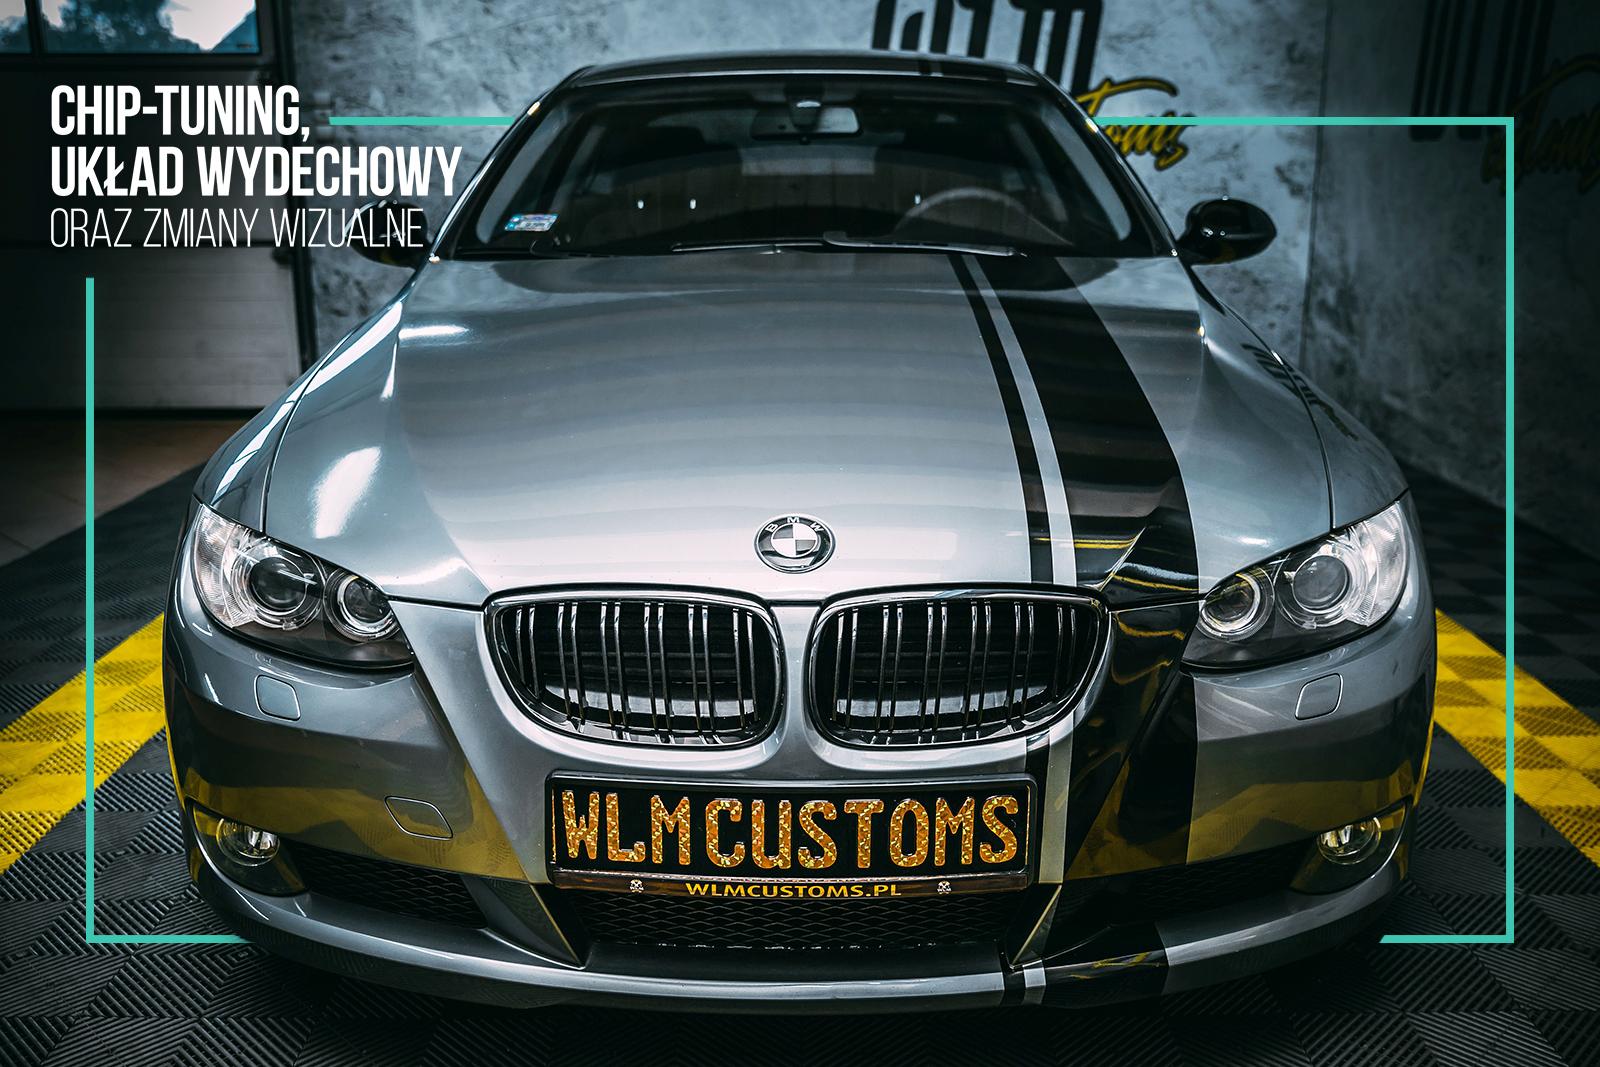 BMW 3 E92 - Chip tuning oraz kompleksowa przemiana by WLM Customs